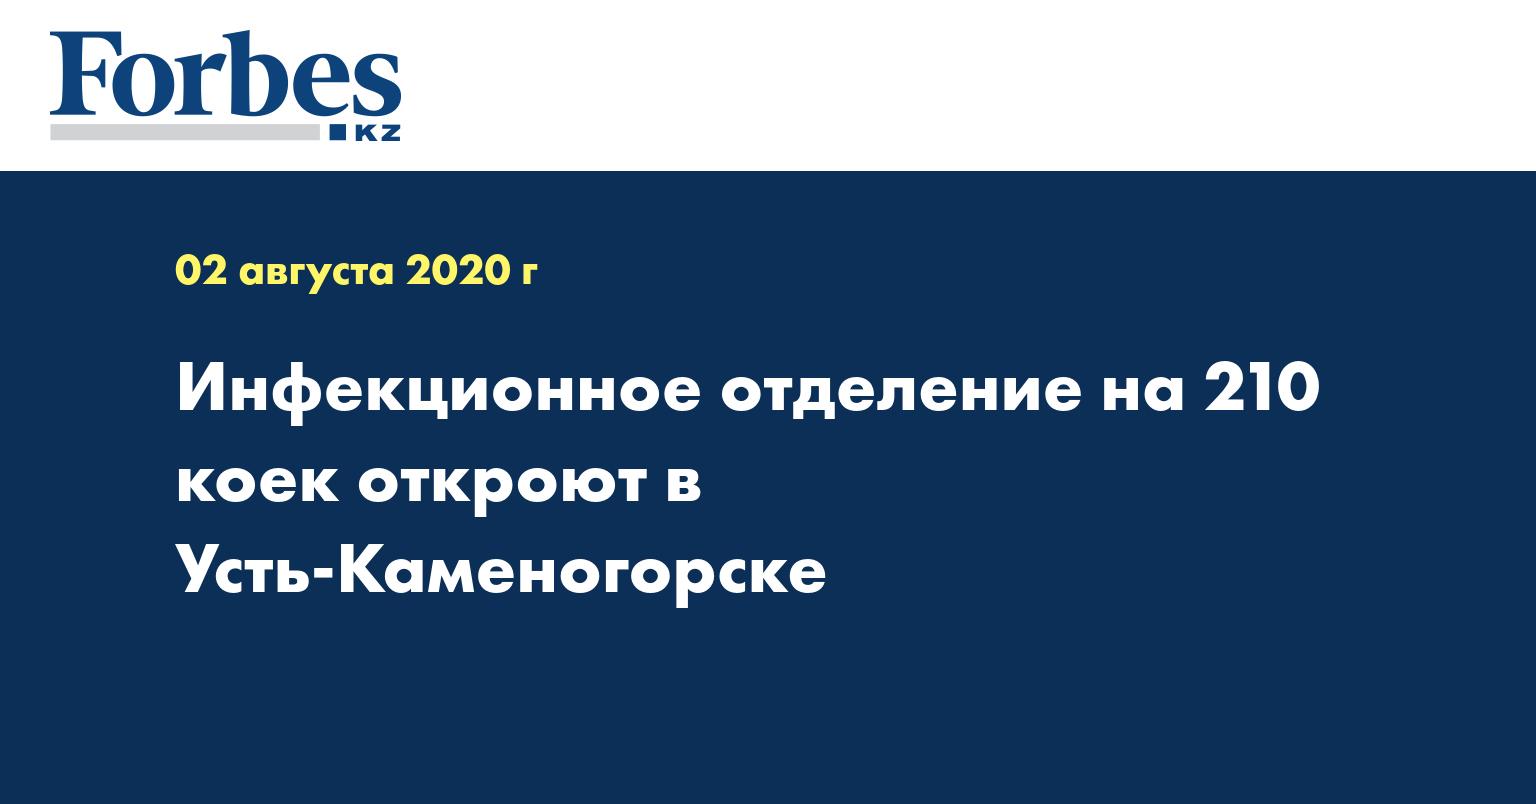 Инфекционное отделение на 210 коек откроют в Усть-Каменогорске